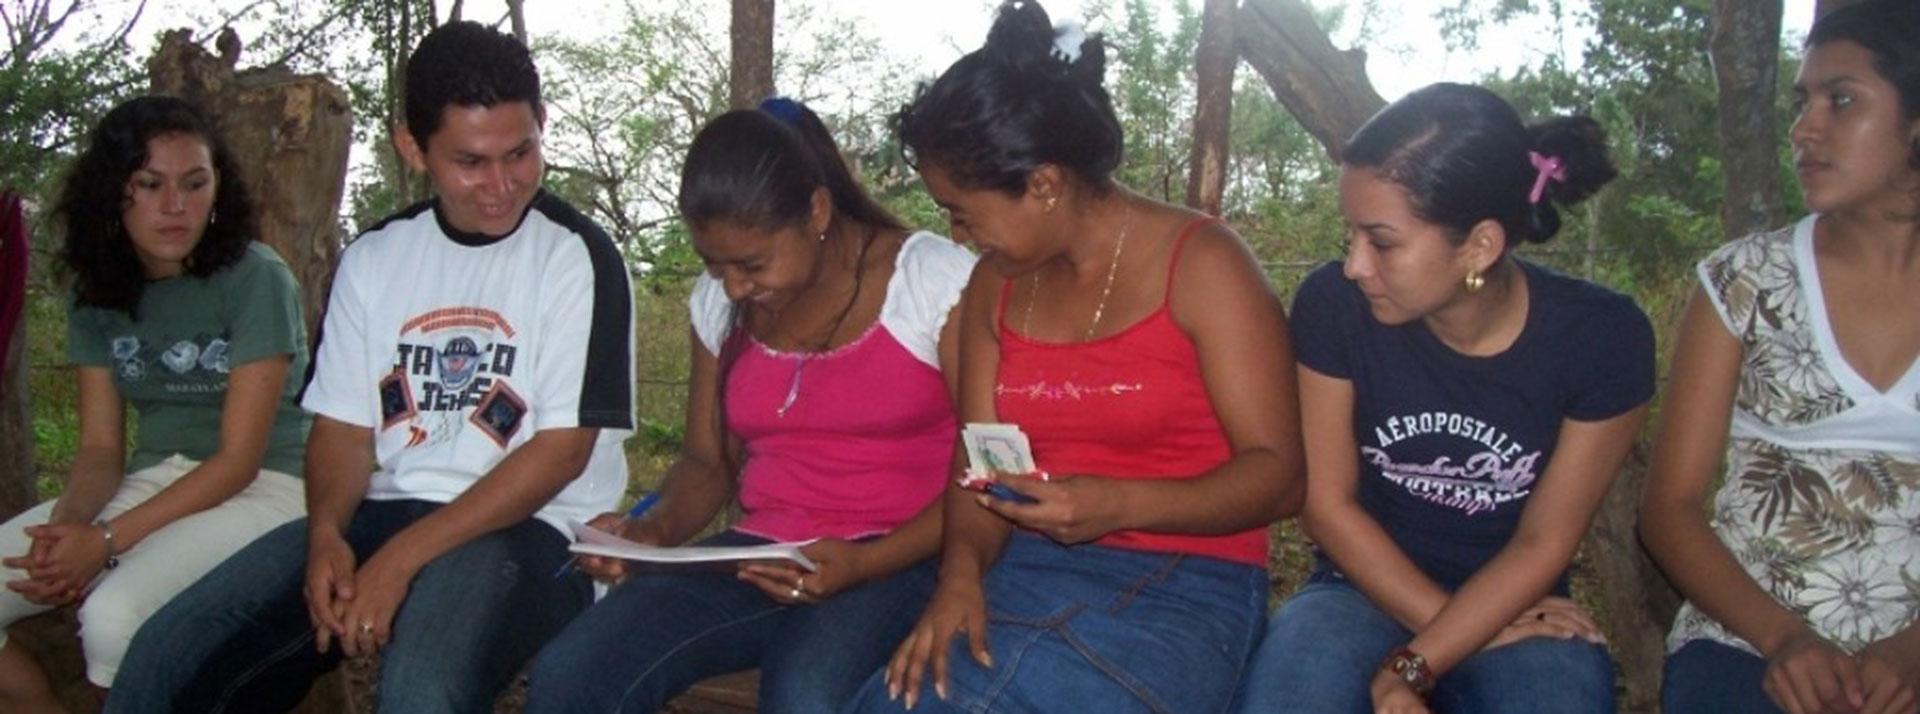 Stipendien für Nicaragua